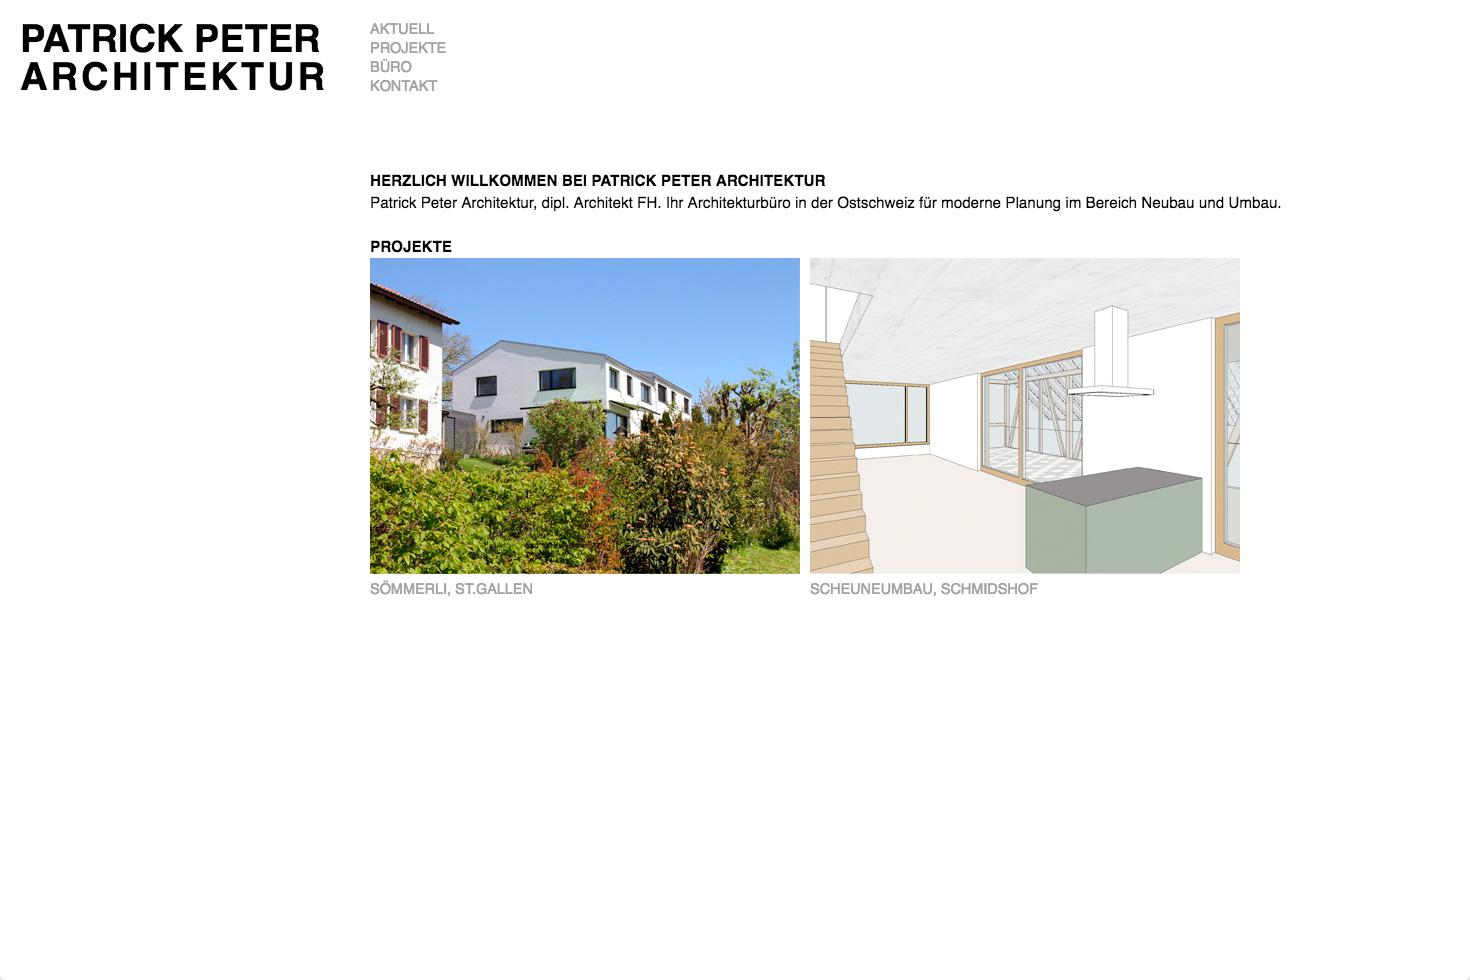 Bild 1 vom Patrickpeter-Architektur Webseite